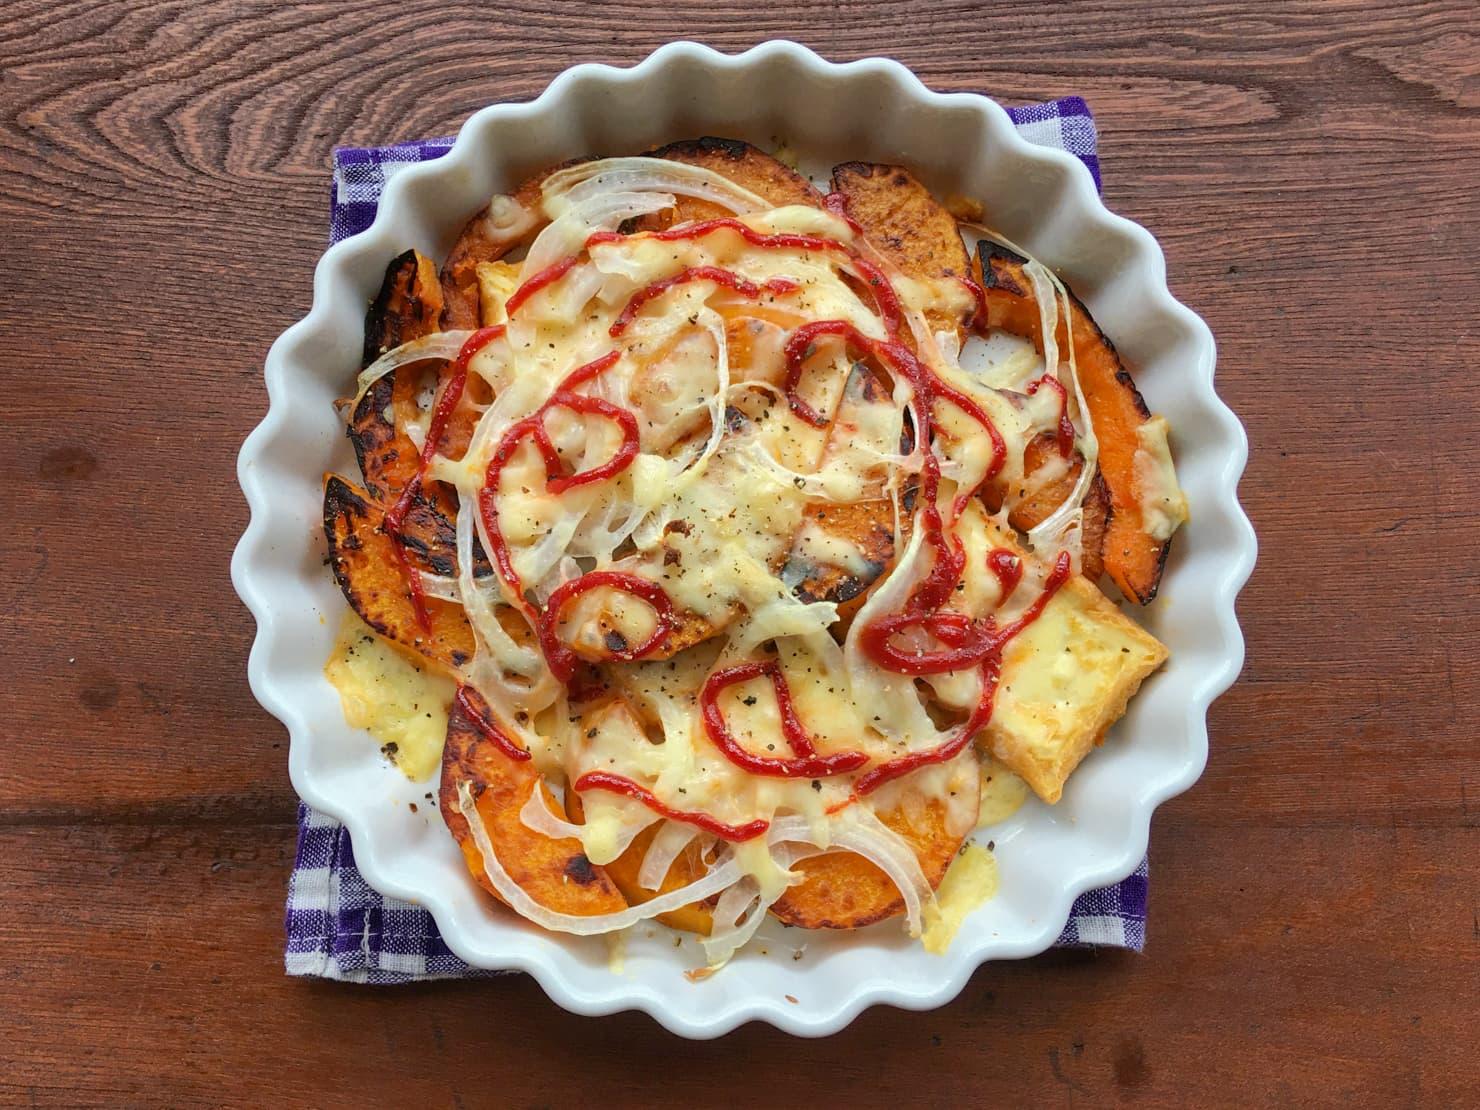 バターナッツかぼちゃと厚揚げのチーズ焼きの写真